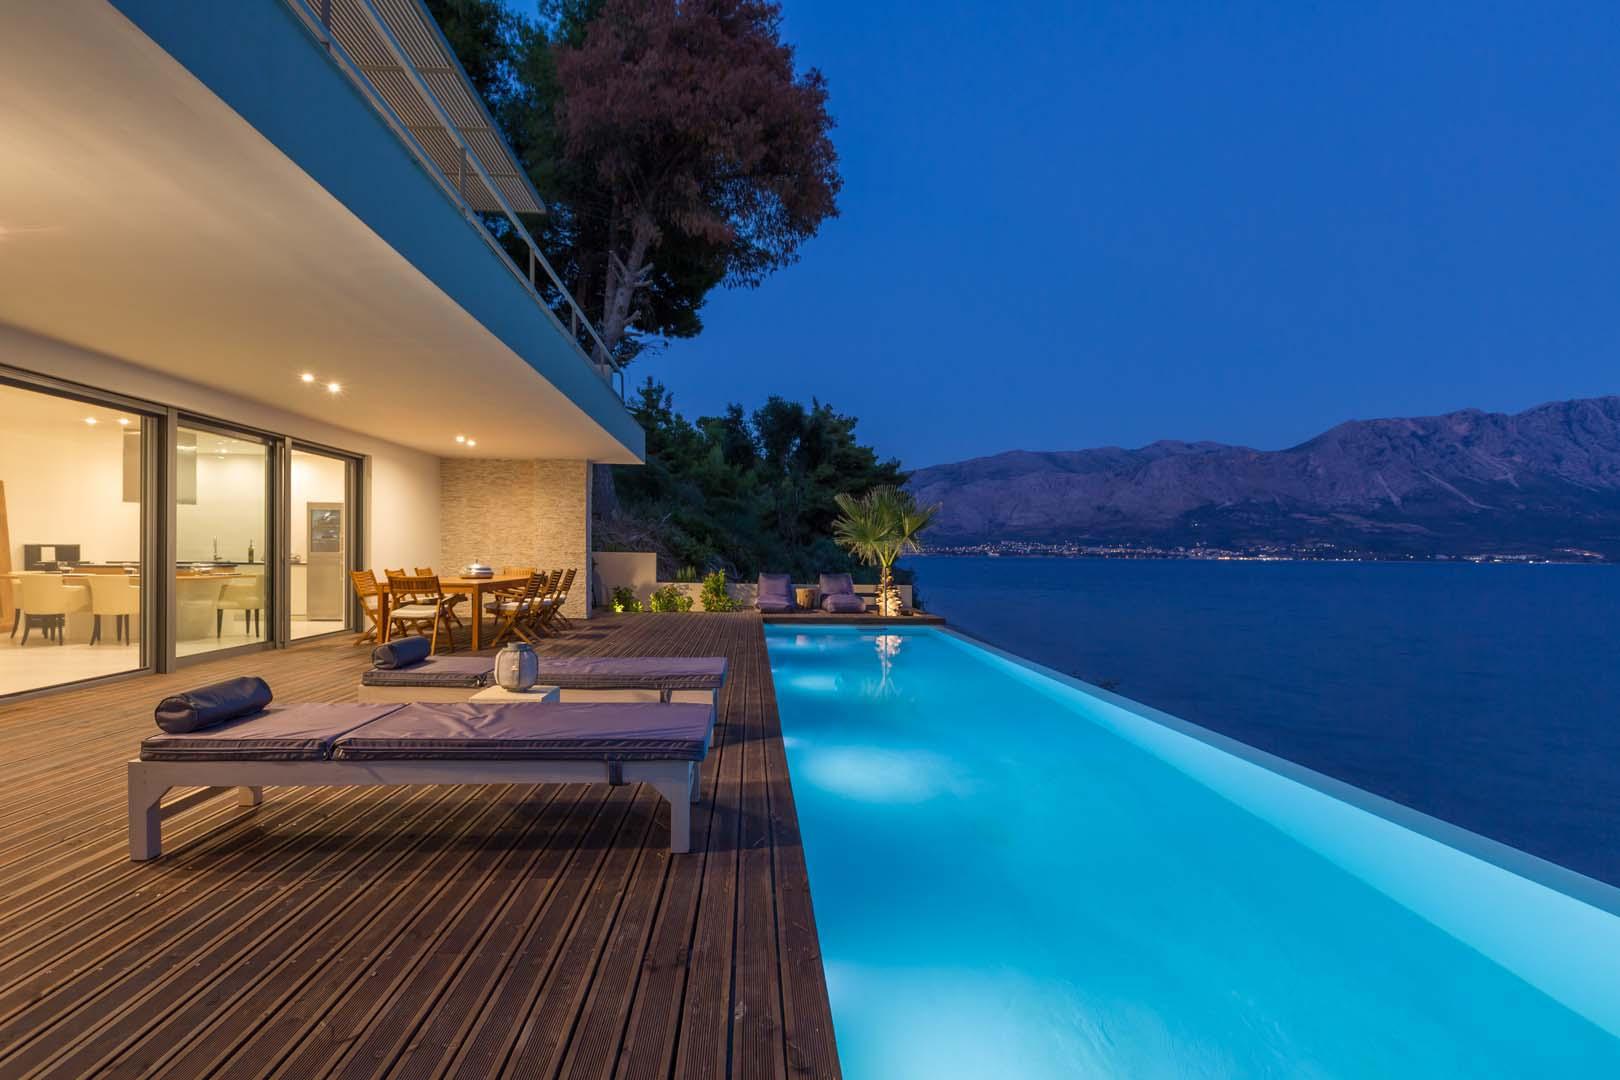 outdoor 9 1 - OIK34B Villa Kastos